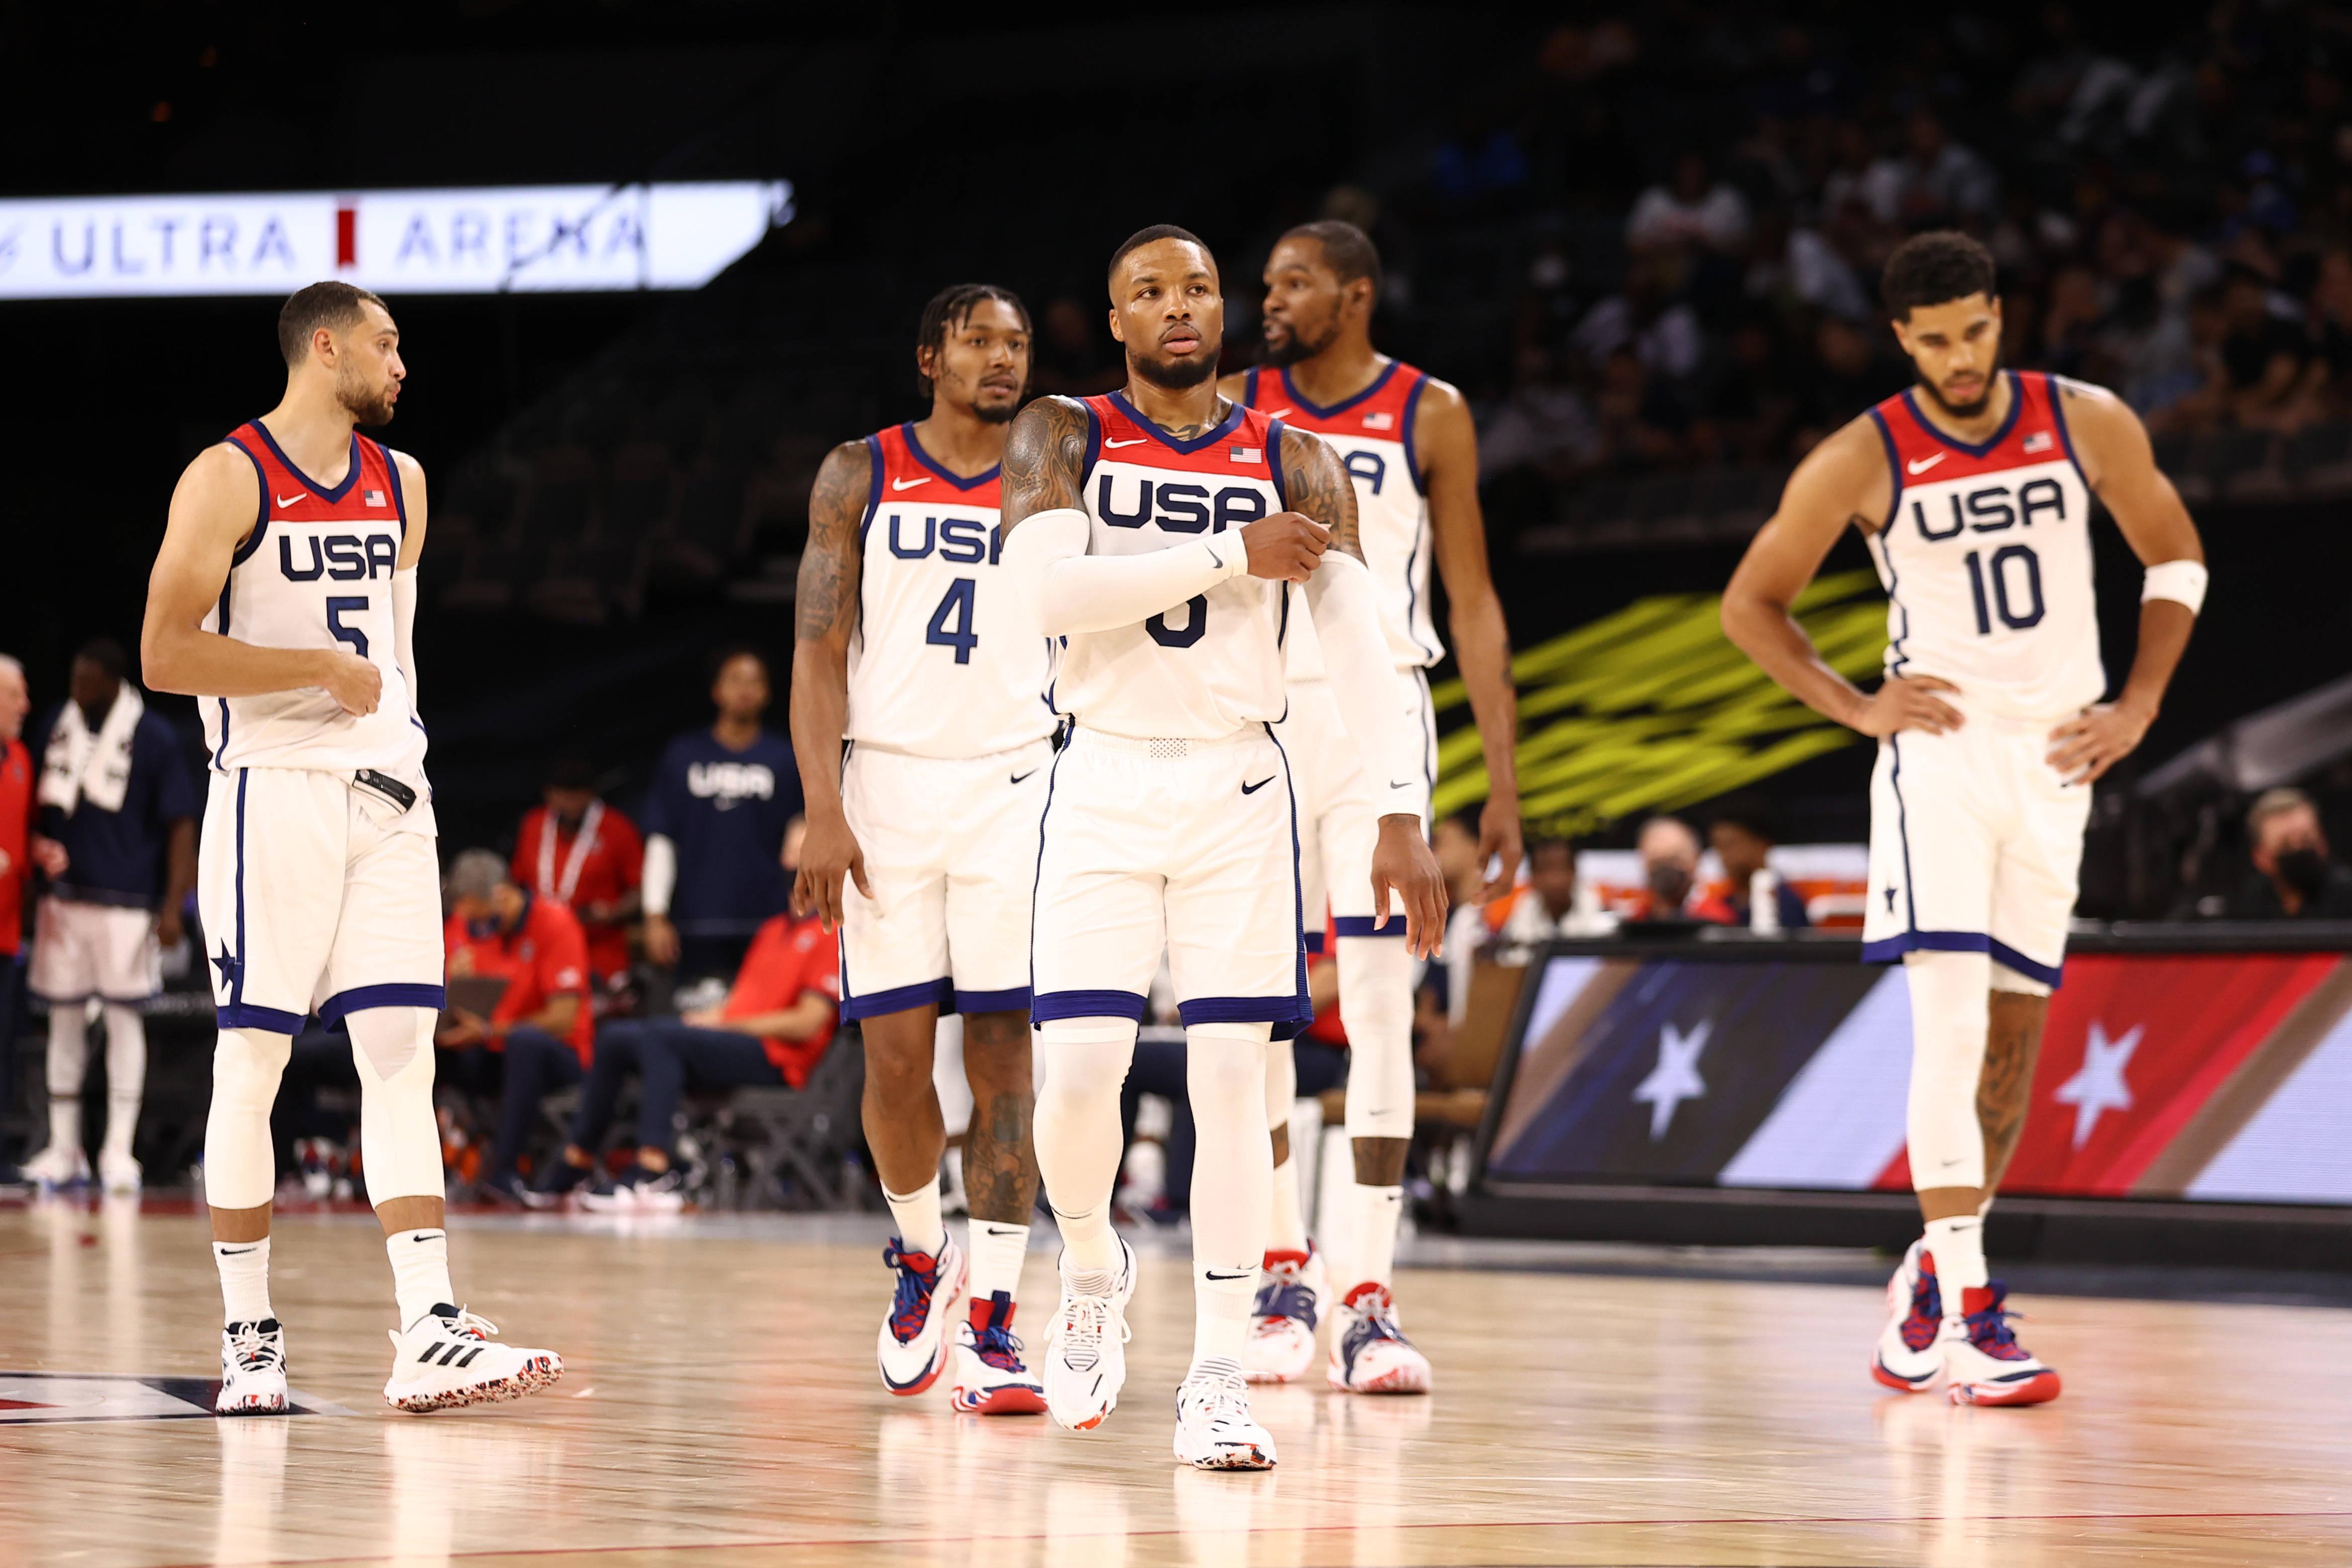 奥运热身赛直播:美国男篮vs澳大利亚男篮 再遇强队,梦之队全力挥拳出击!